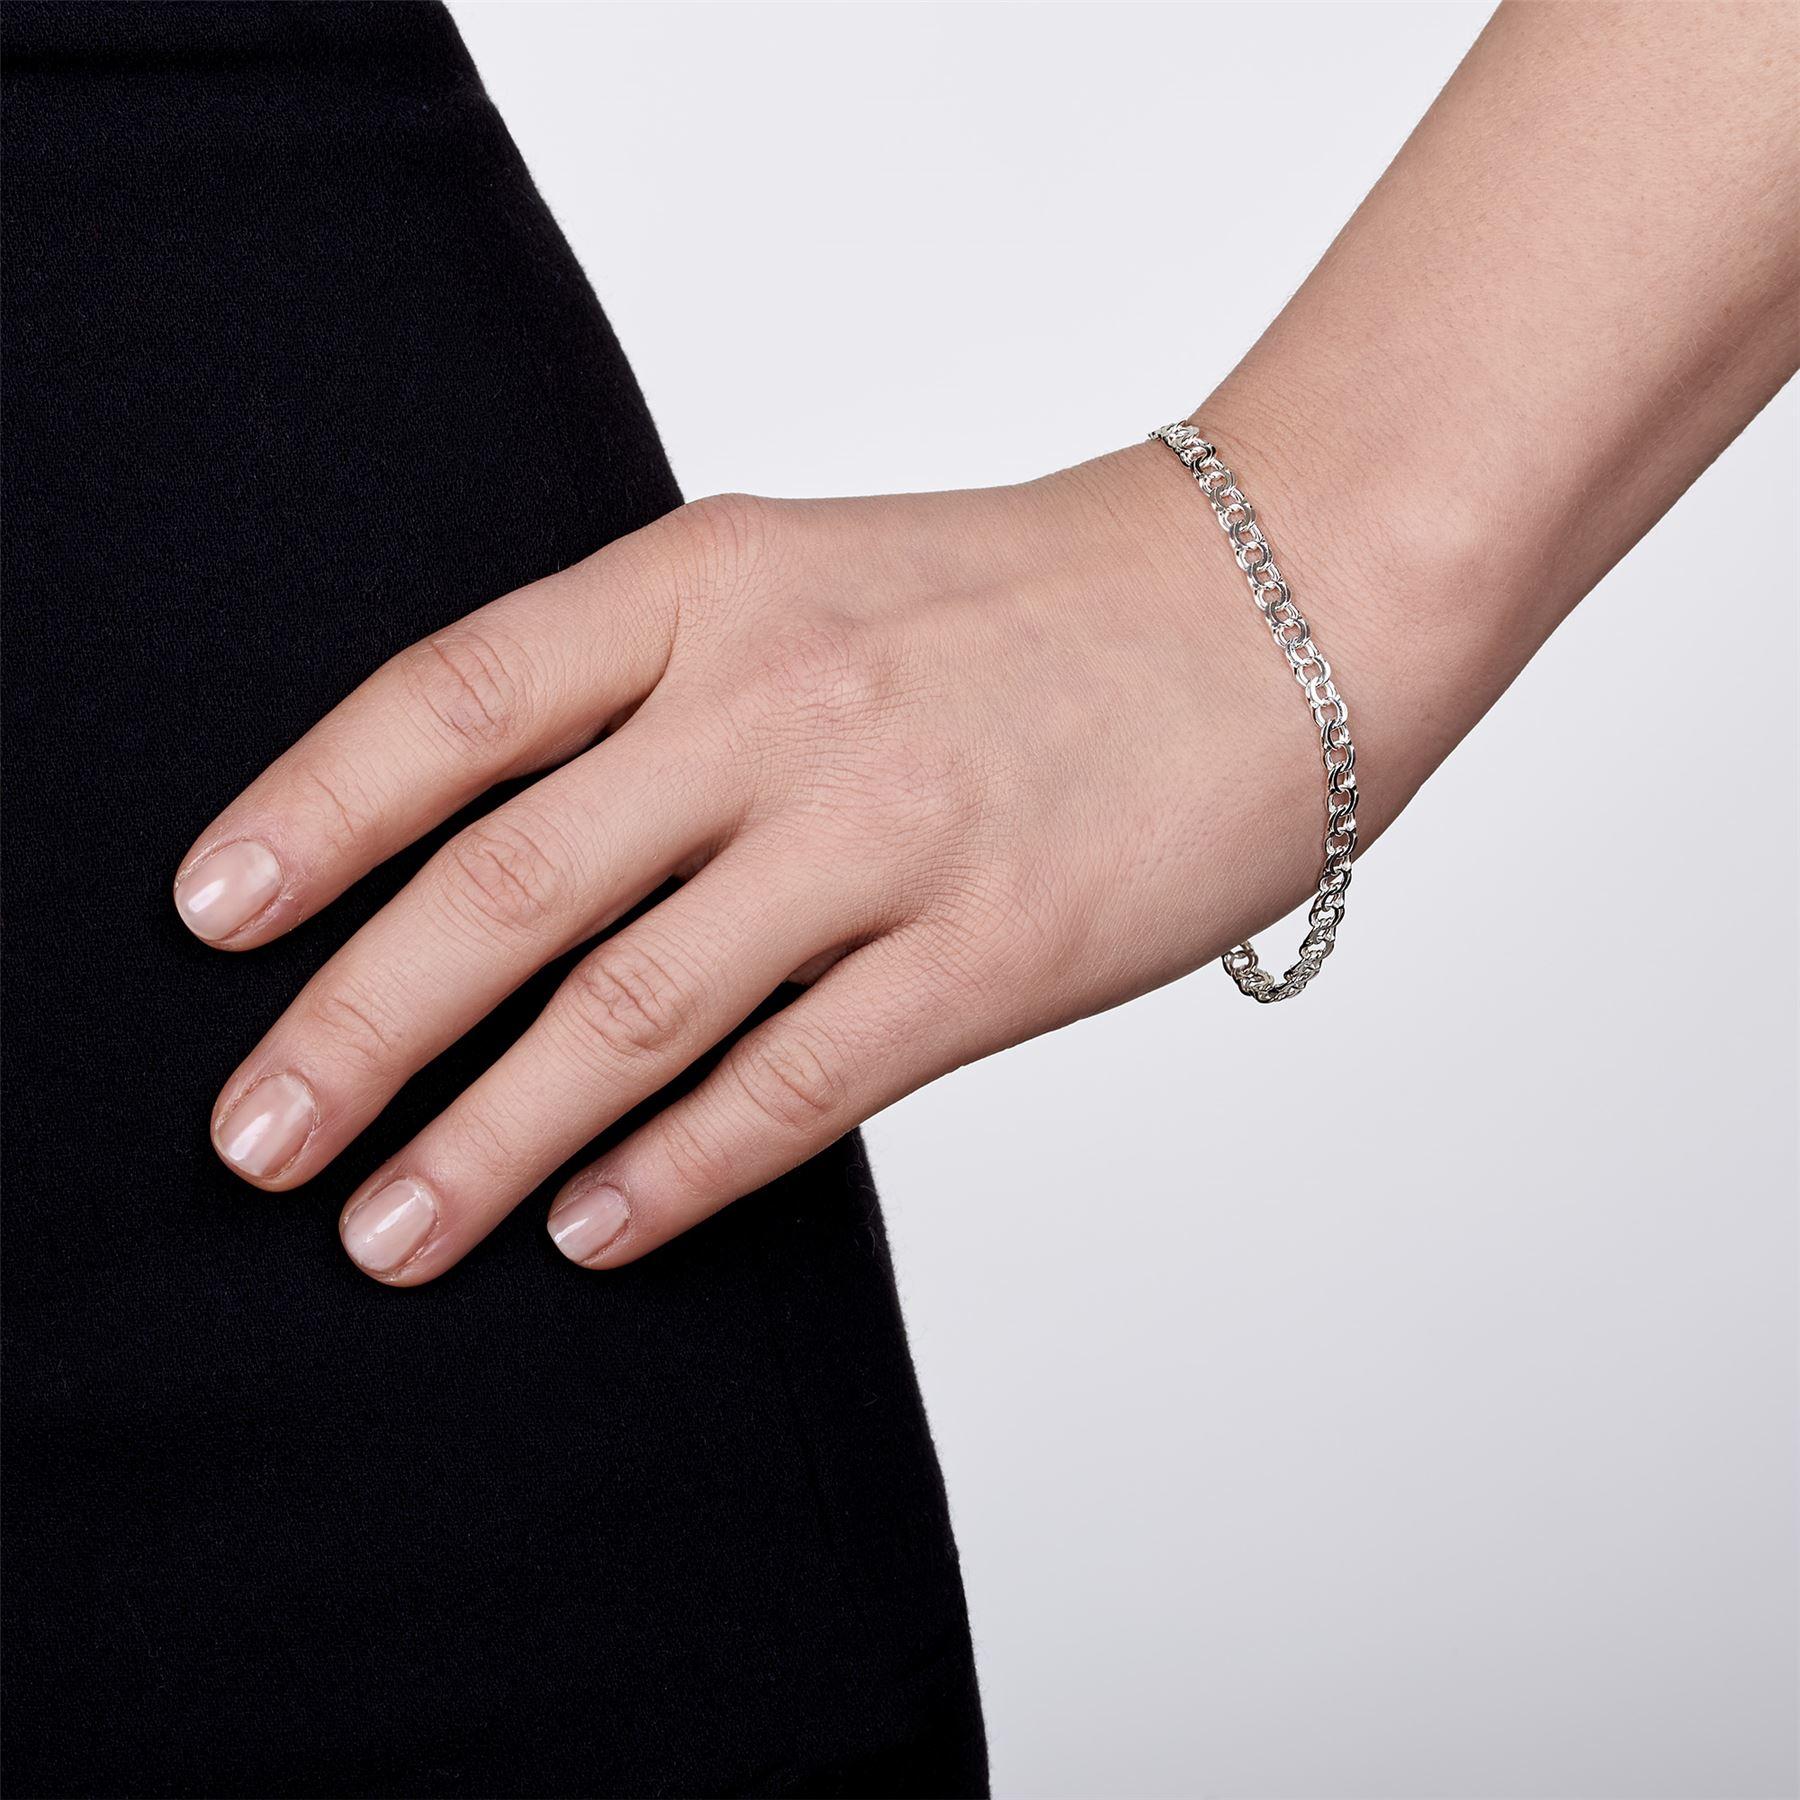 Amberta-Bijoux-Bracelet-en-Vrai-Argent-Sterling-925-Chaine-pour-Femme-a-la-Mode thumbnail 93